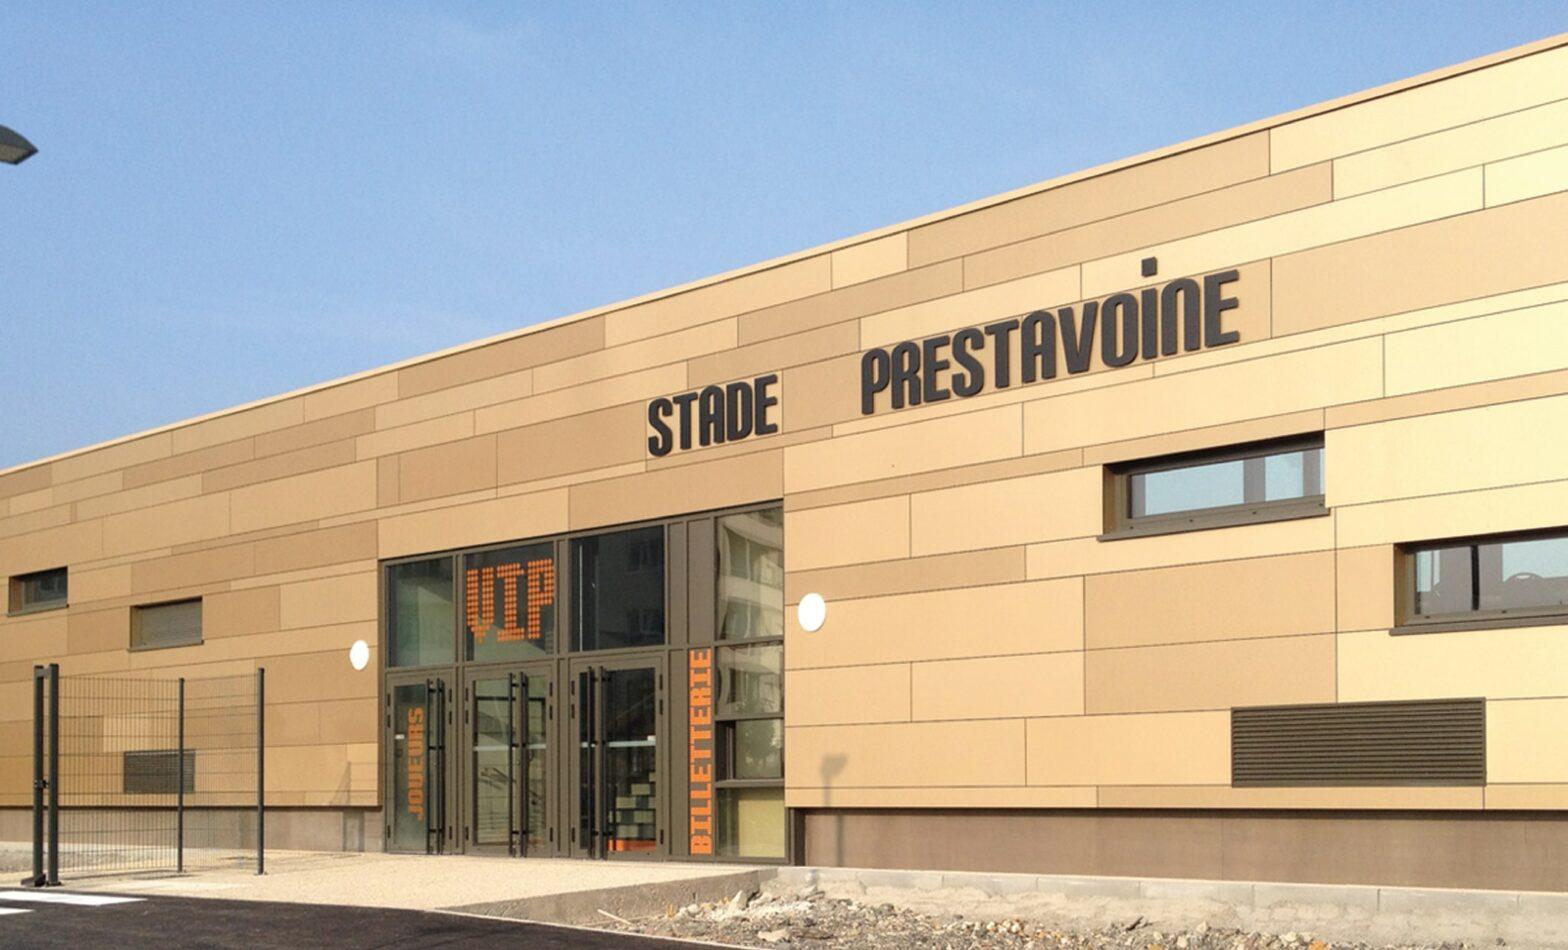 Stade Prestavoine